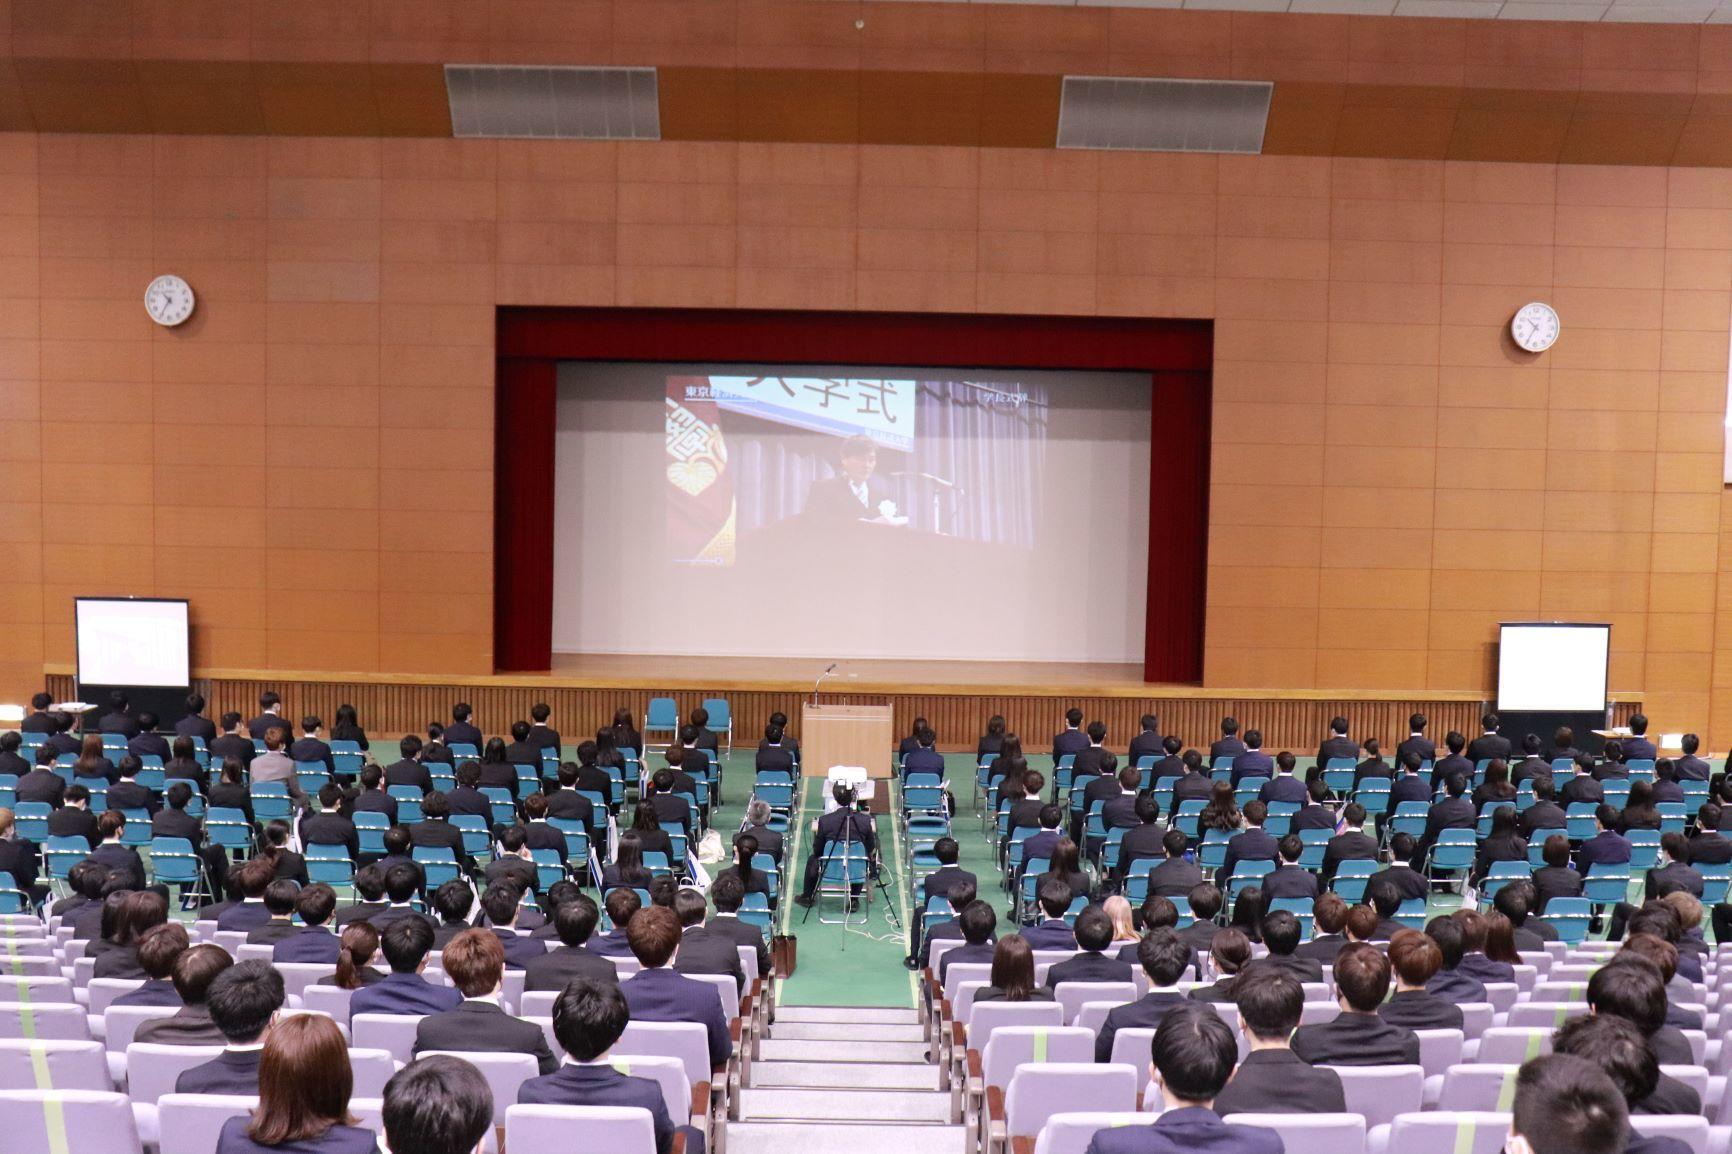 2021年度入学式を挙行。4月10日には、新2年生対象の1年遅れの入学式も -- 東京経済大学